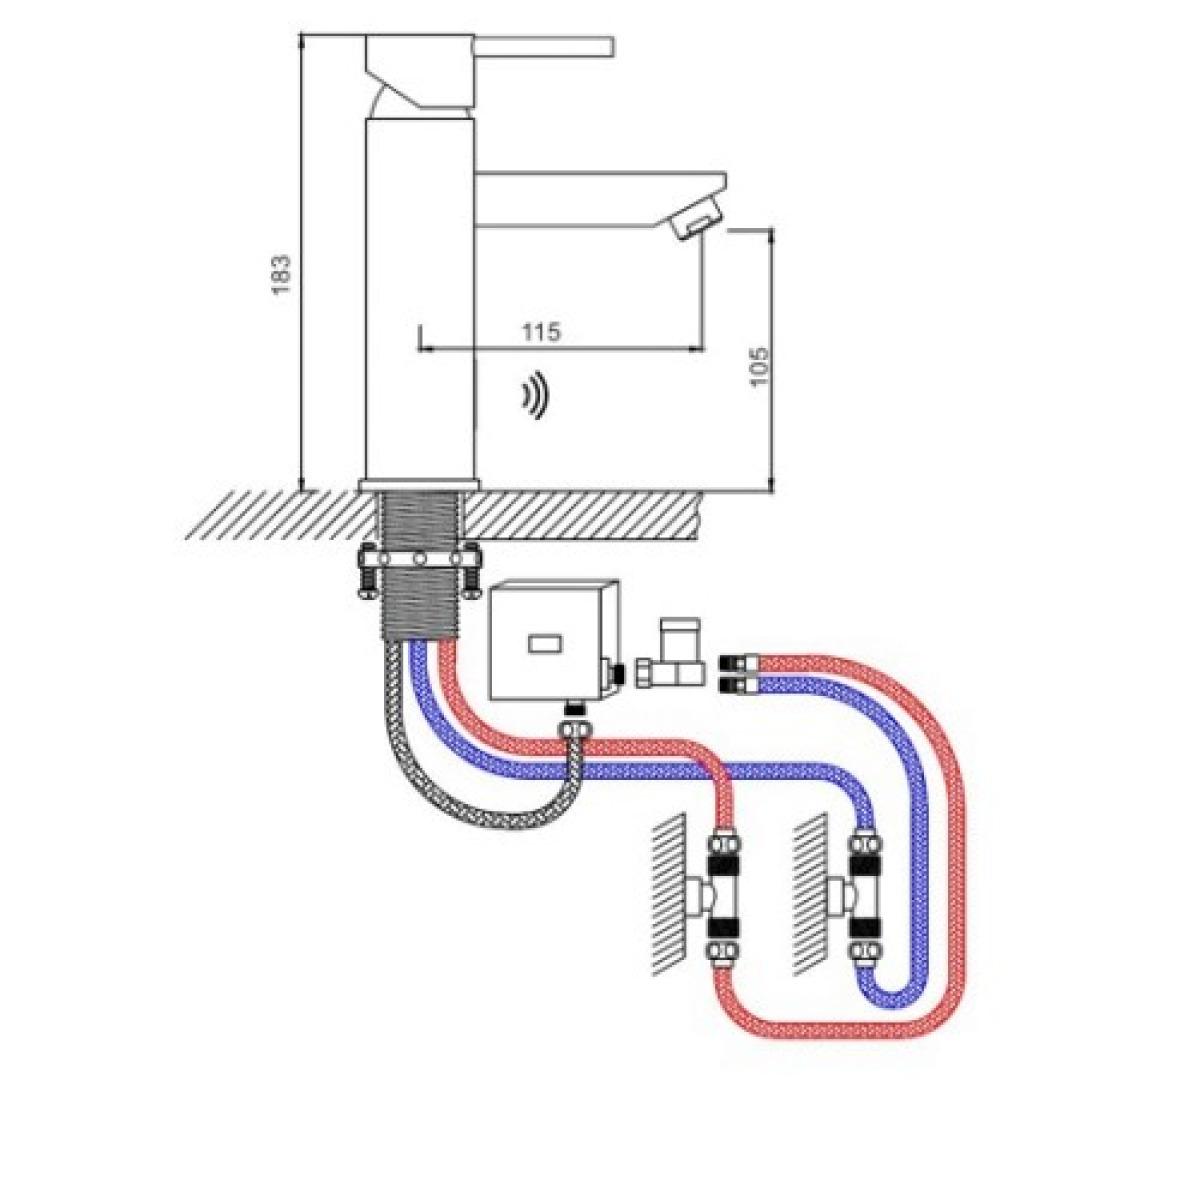 Смеситель для раковины сенсорный + механизм с гайкой бронза gappo g520